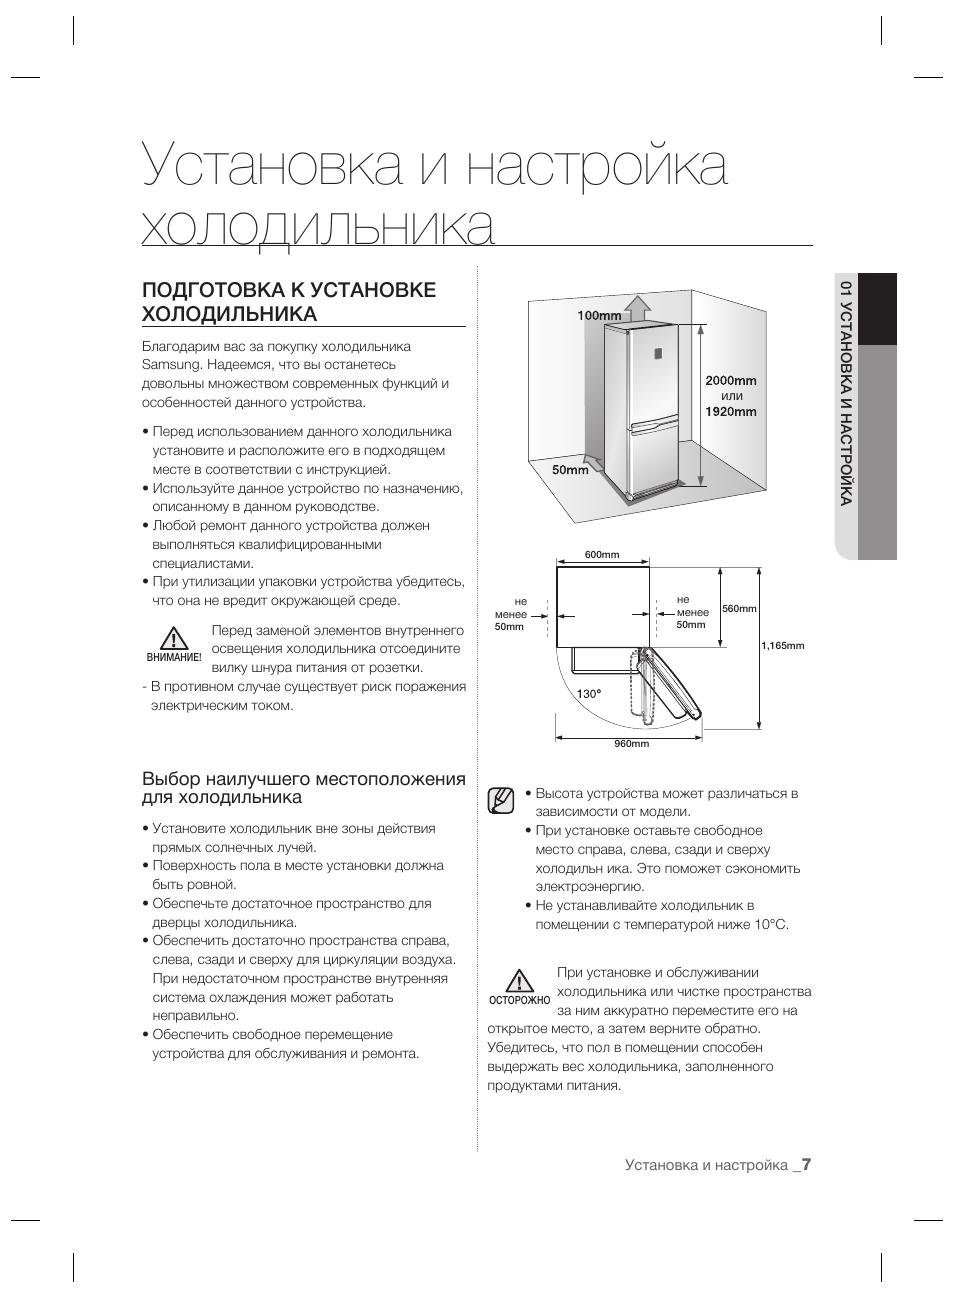 инструкция холодильника самсунг двухкамерный